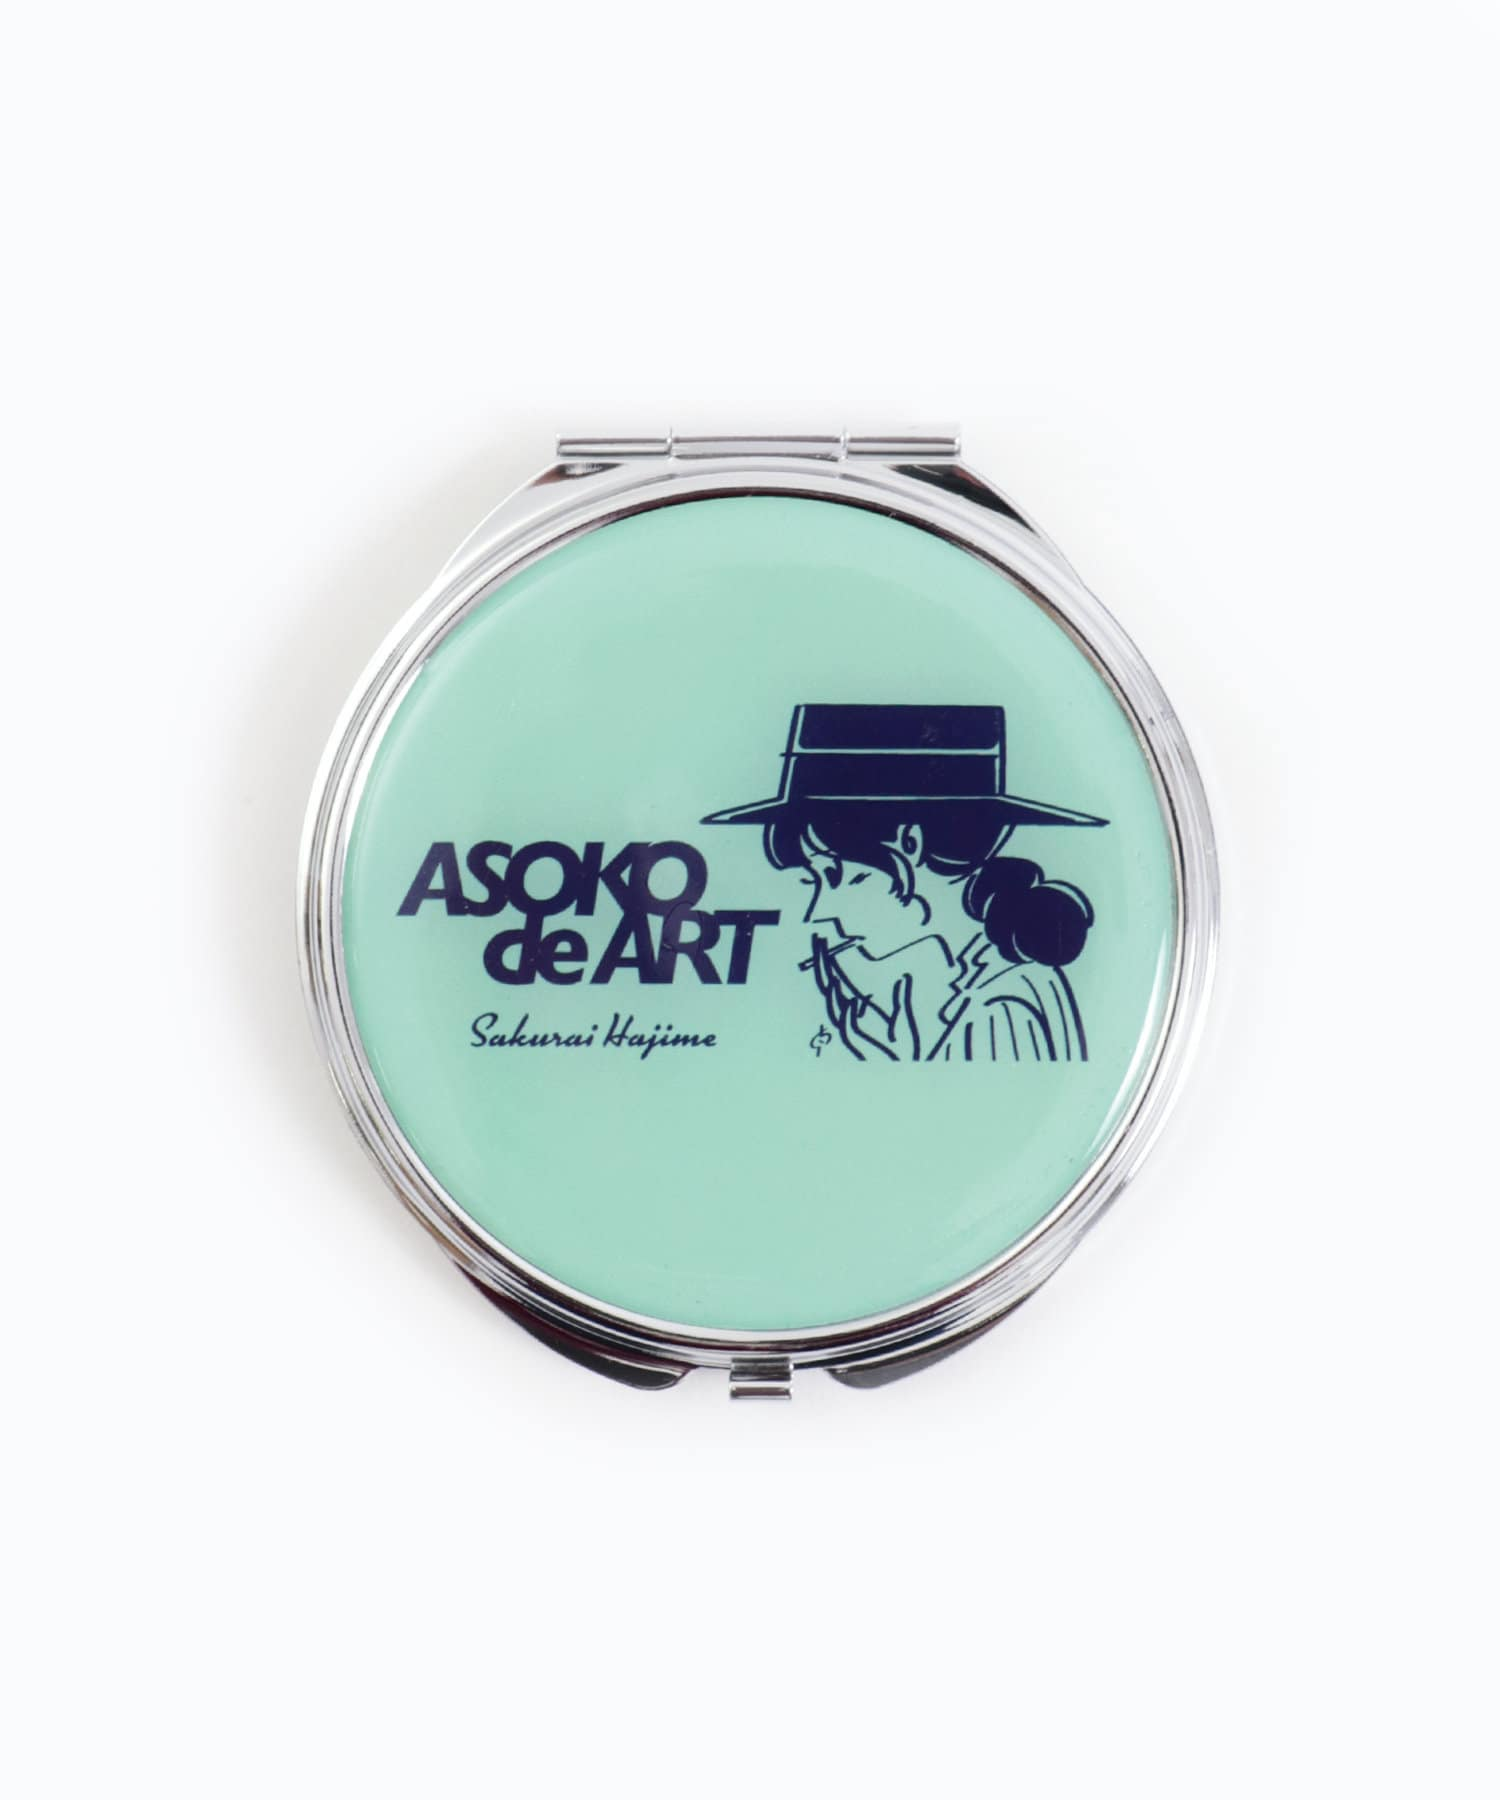 3COINS(スリーコインズ) 【ASOKO】【ASOKO de ART】コンパクトミラー